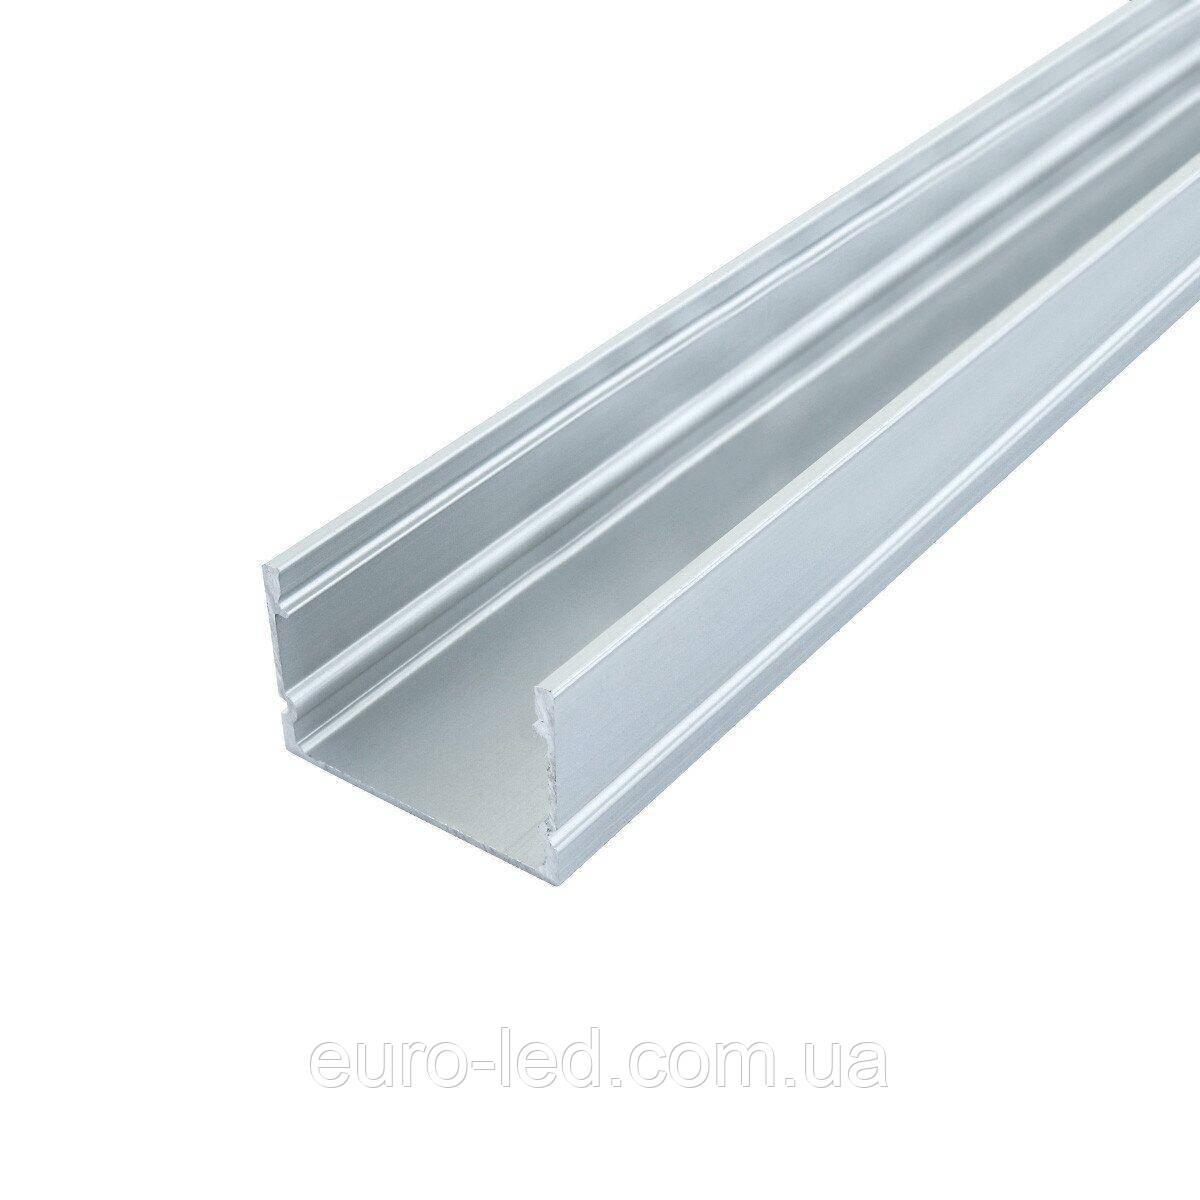 Комплект. Профиль алюминиевый BIOM ЛП20 20х30, анодированный (палка 2м) + рассеиватель